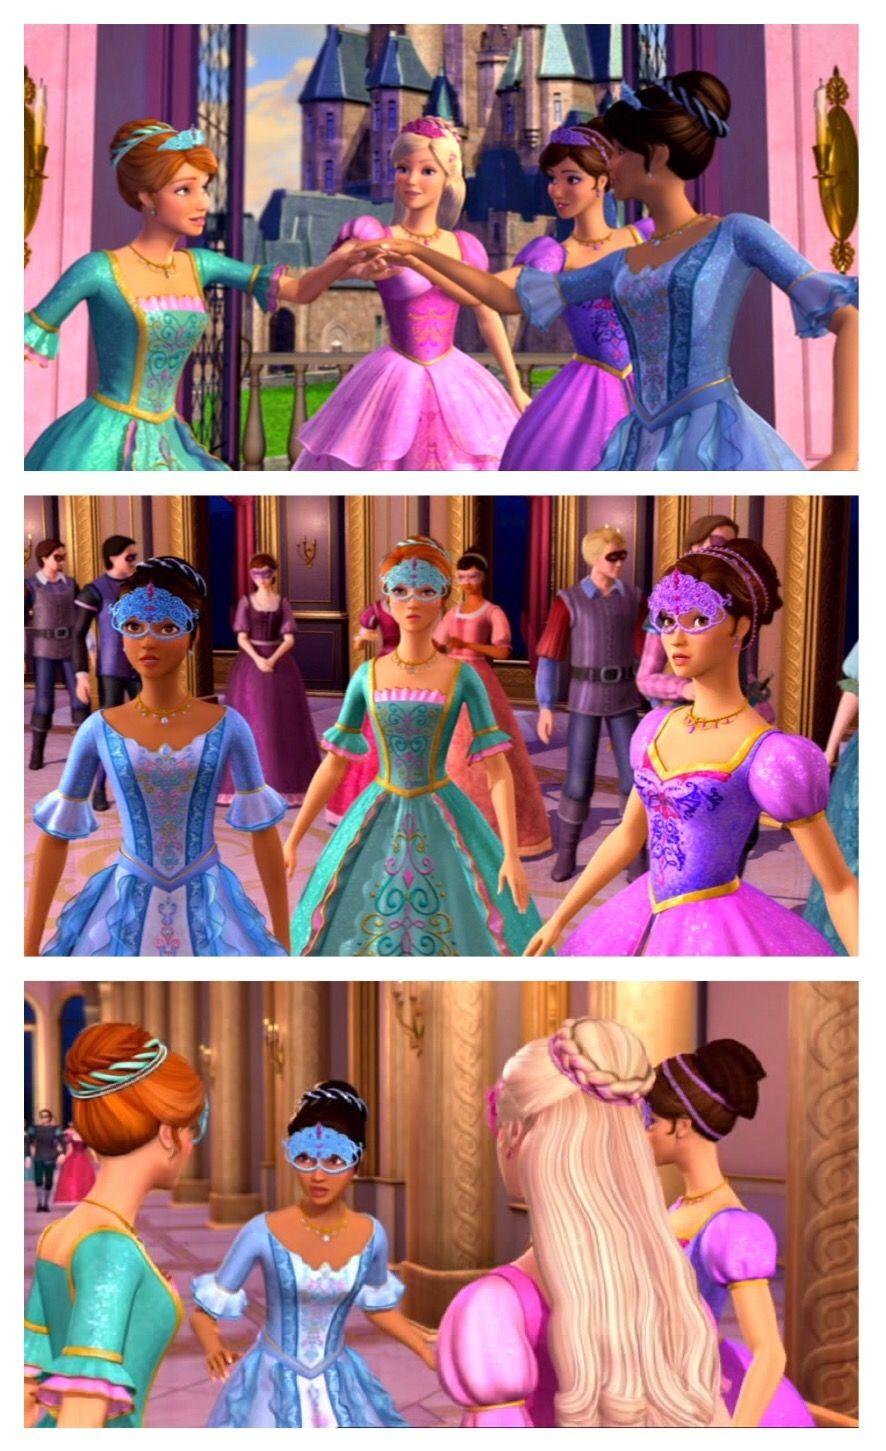 Pin De Nik Em Fandom Filmes Da Barbie Os Tres Mosqueteiros Barbie Filmes